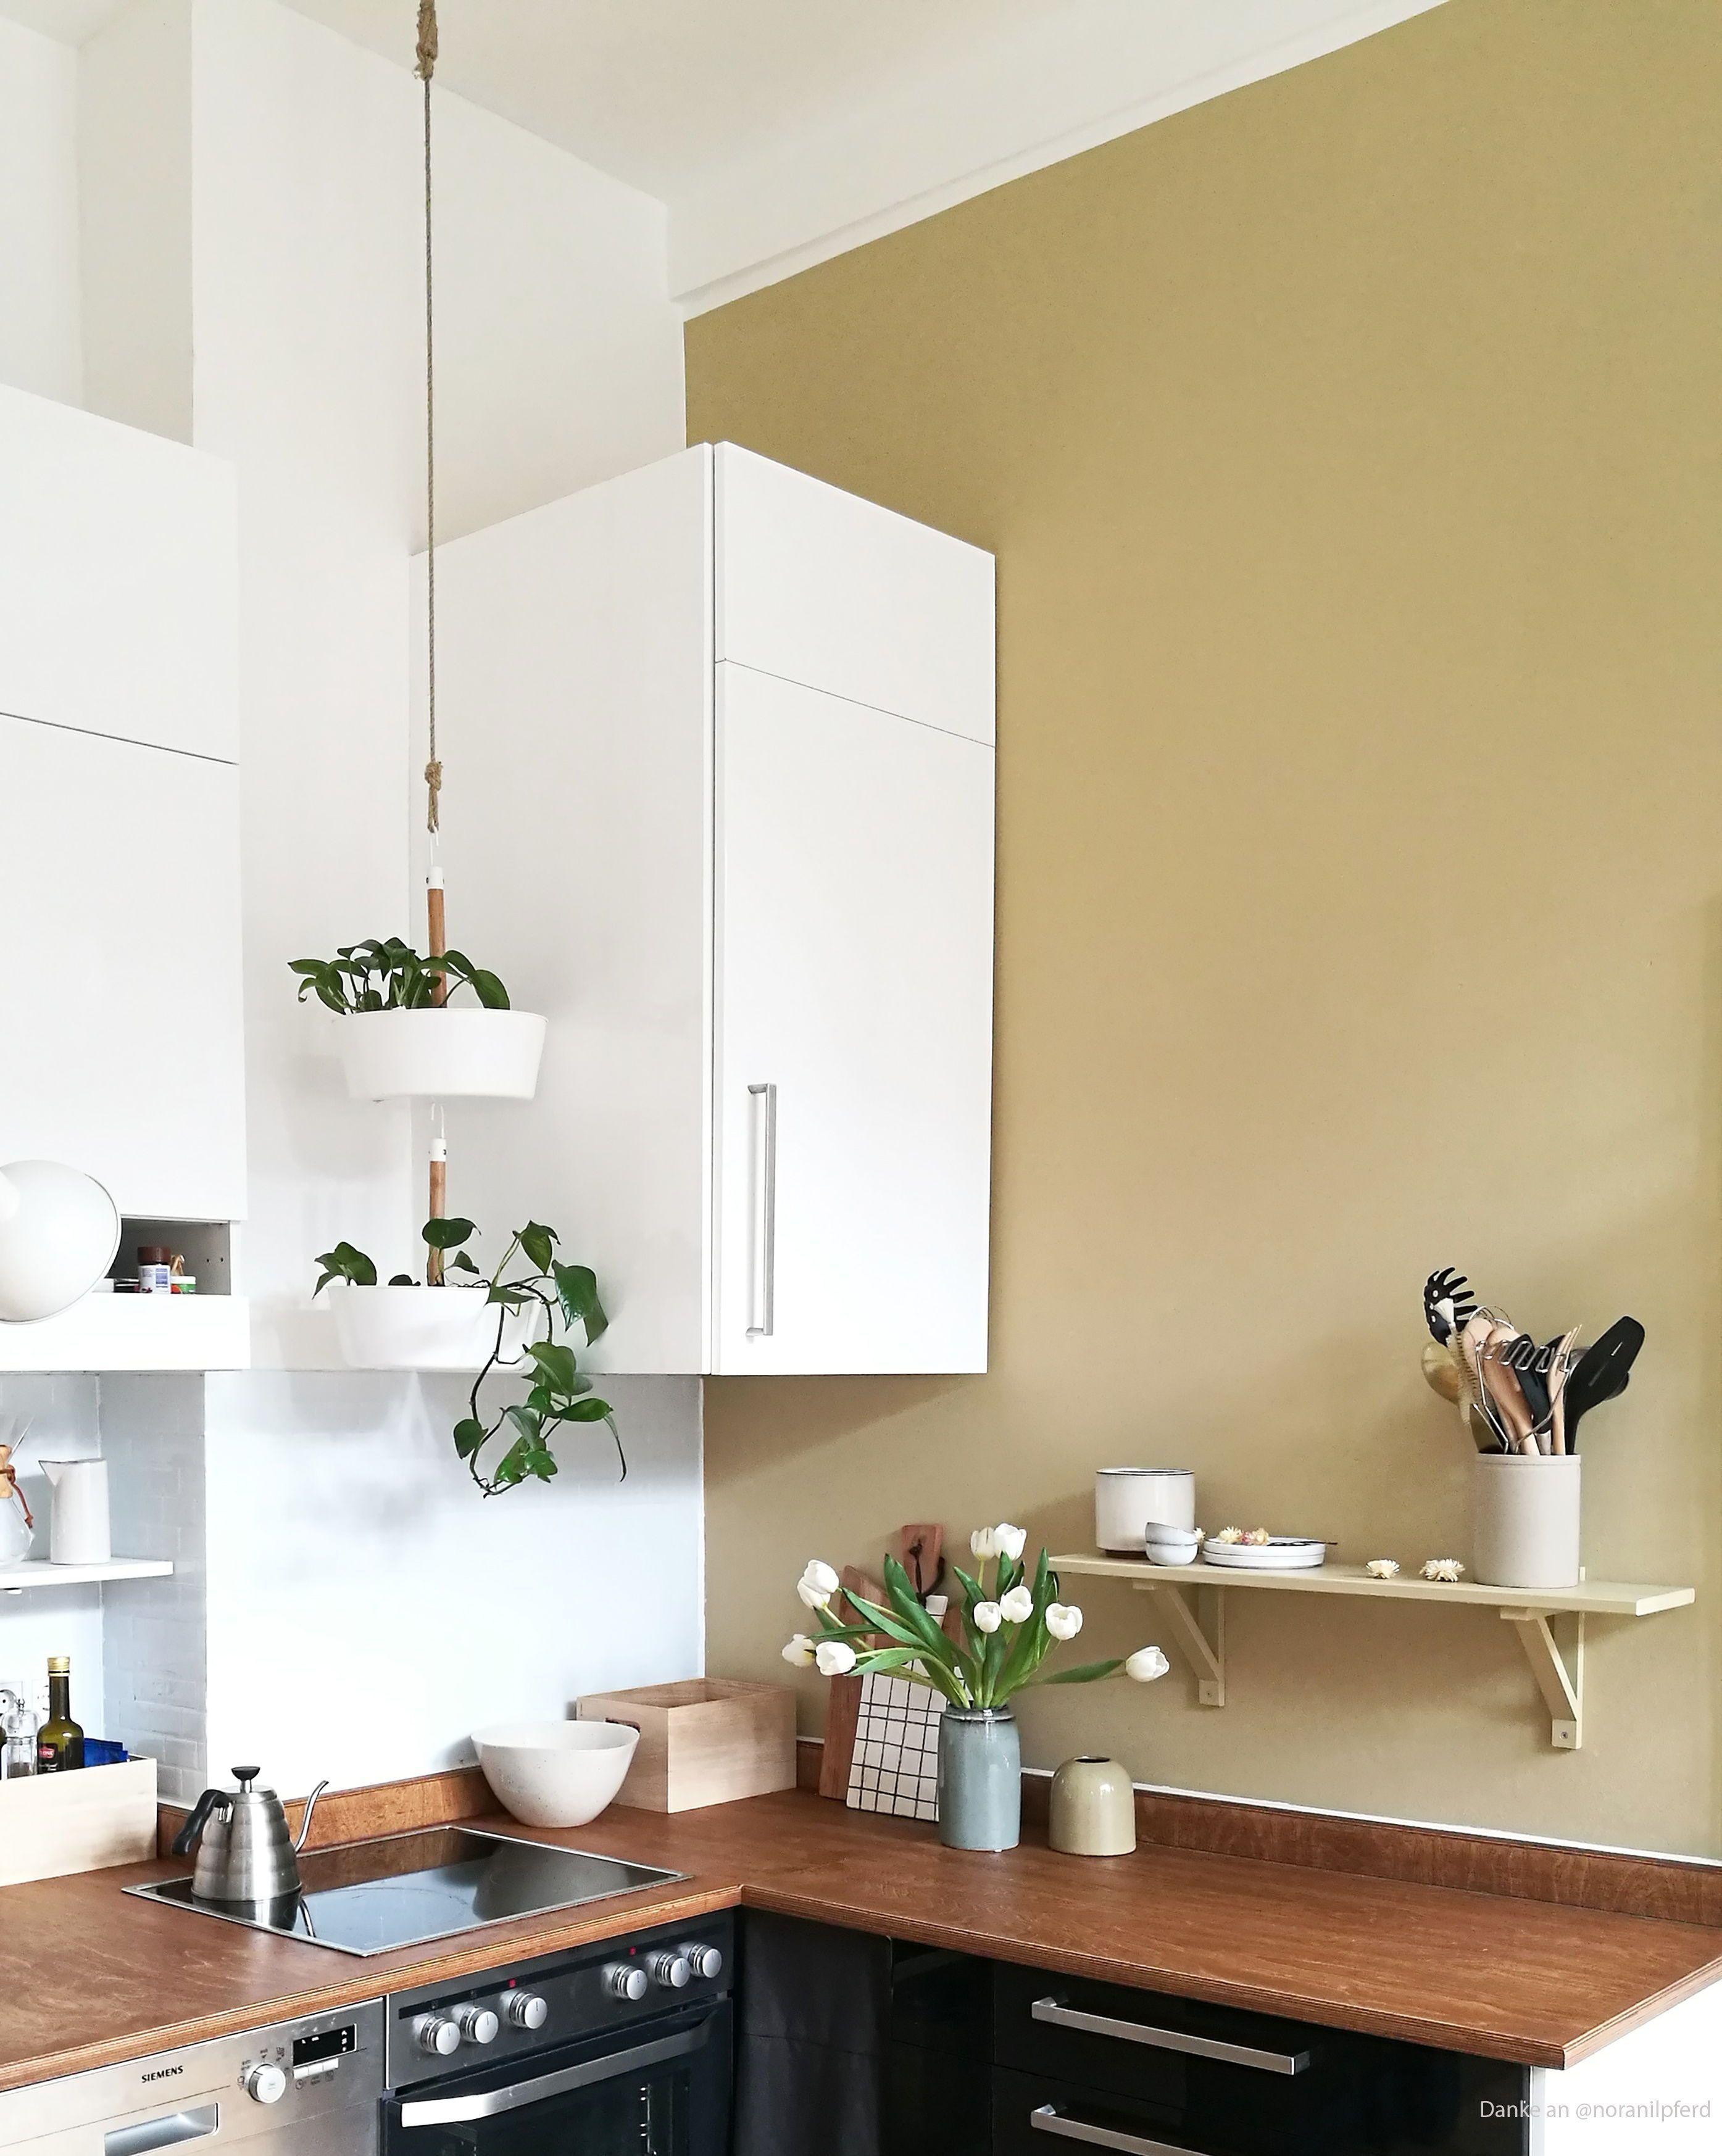 Küche Streichen Welche Farbe - Blogdejust